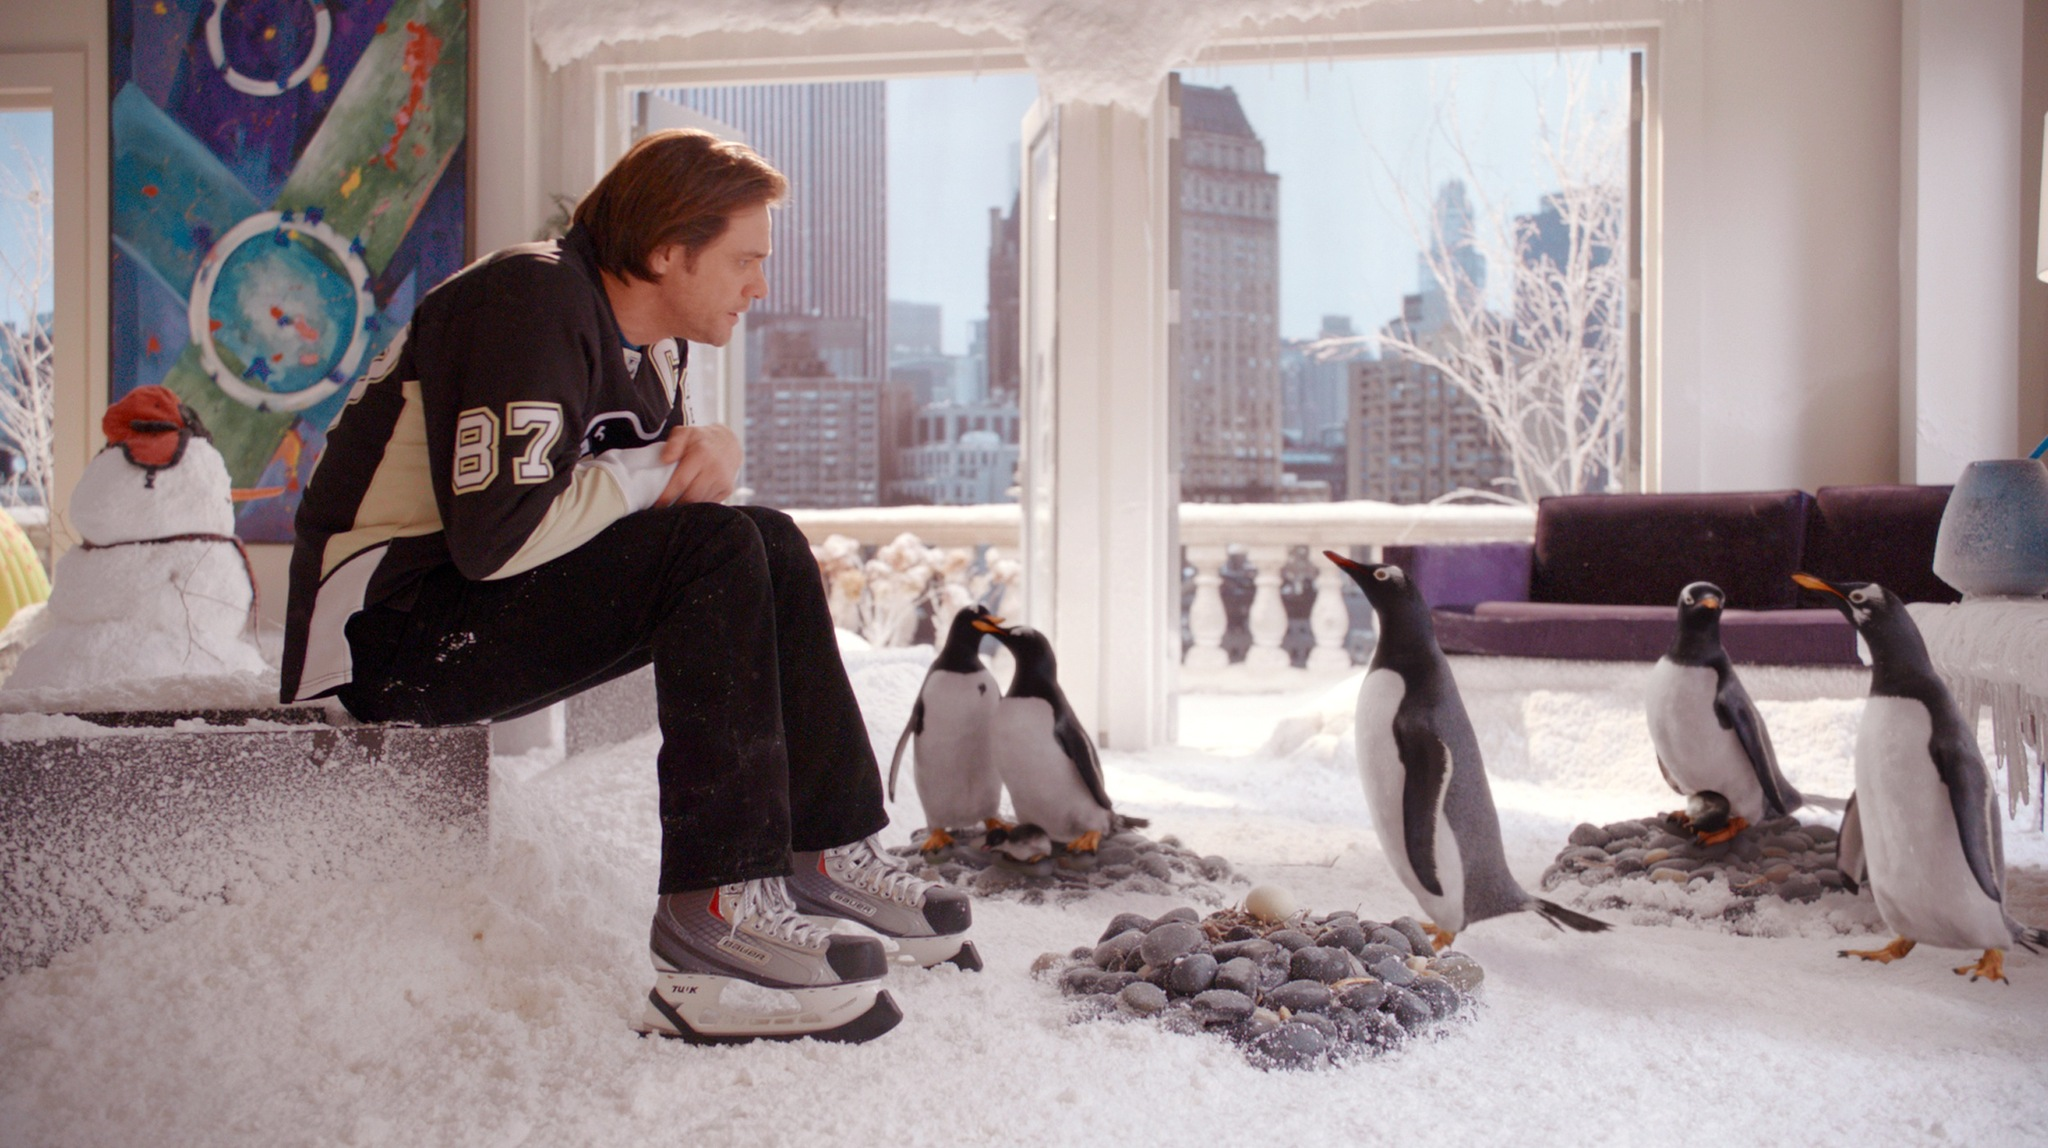 Jim Carrey in Mr. Popper's Penguins (2011)